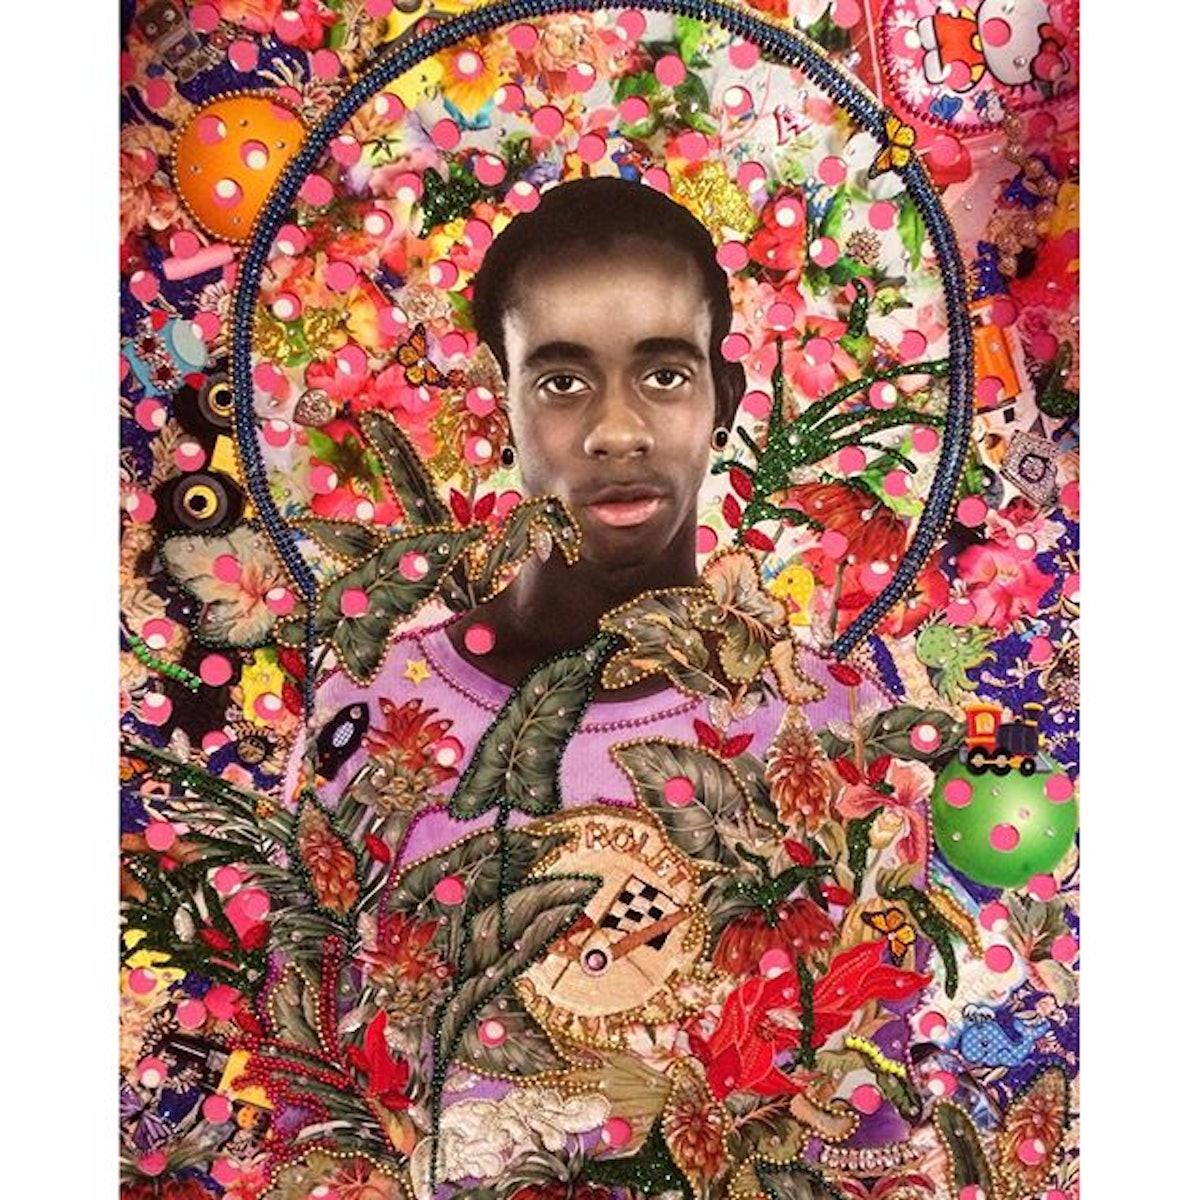 Ebony G. Patterson